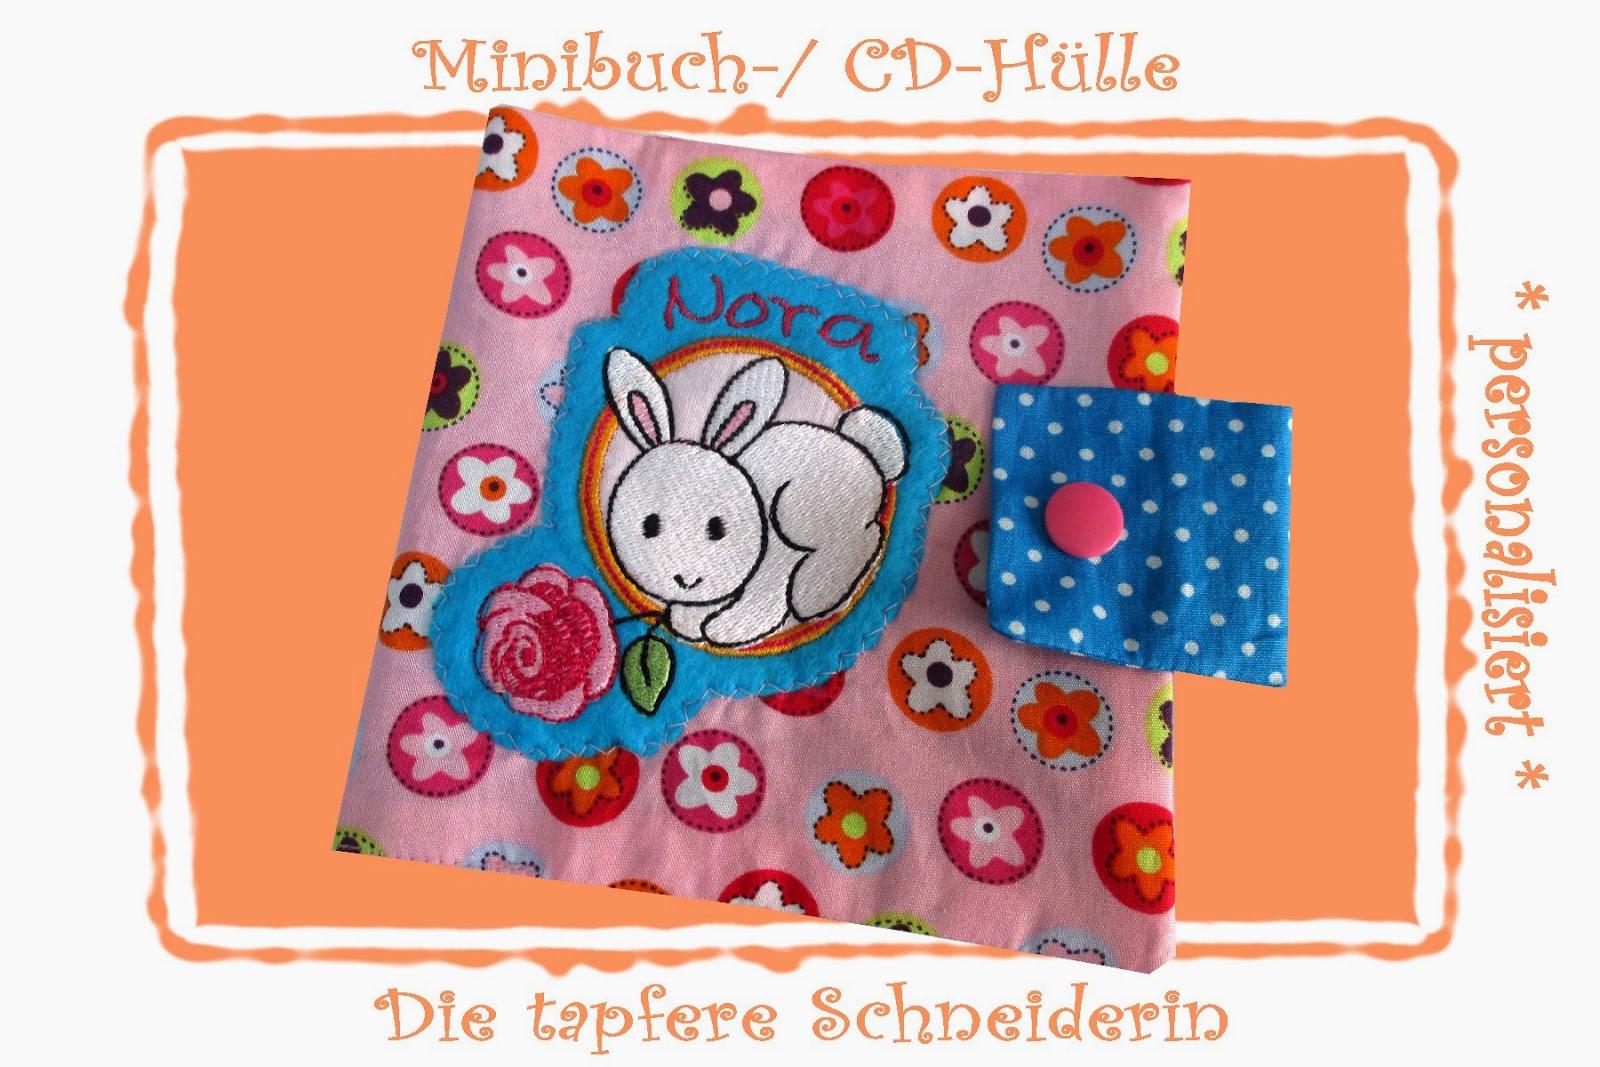 http://de.dawanda.com/product/79346735-Minibuch--CD-Huelle-mit-WunschnameMotiv